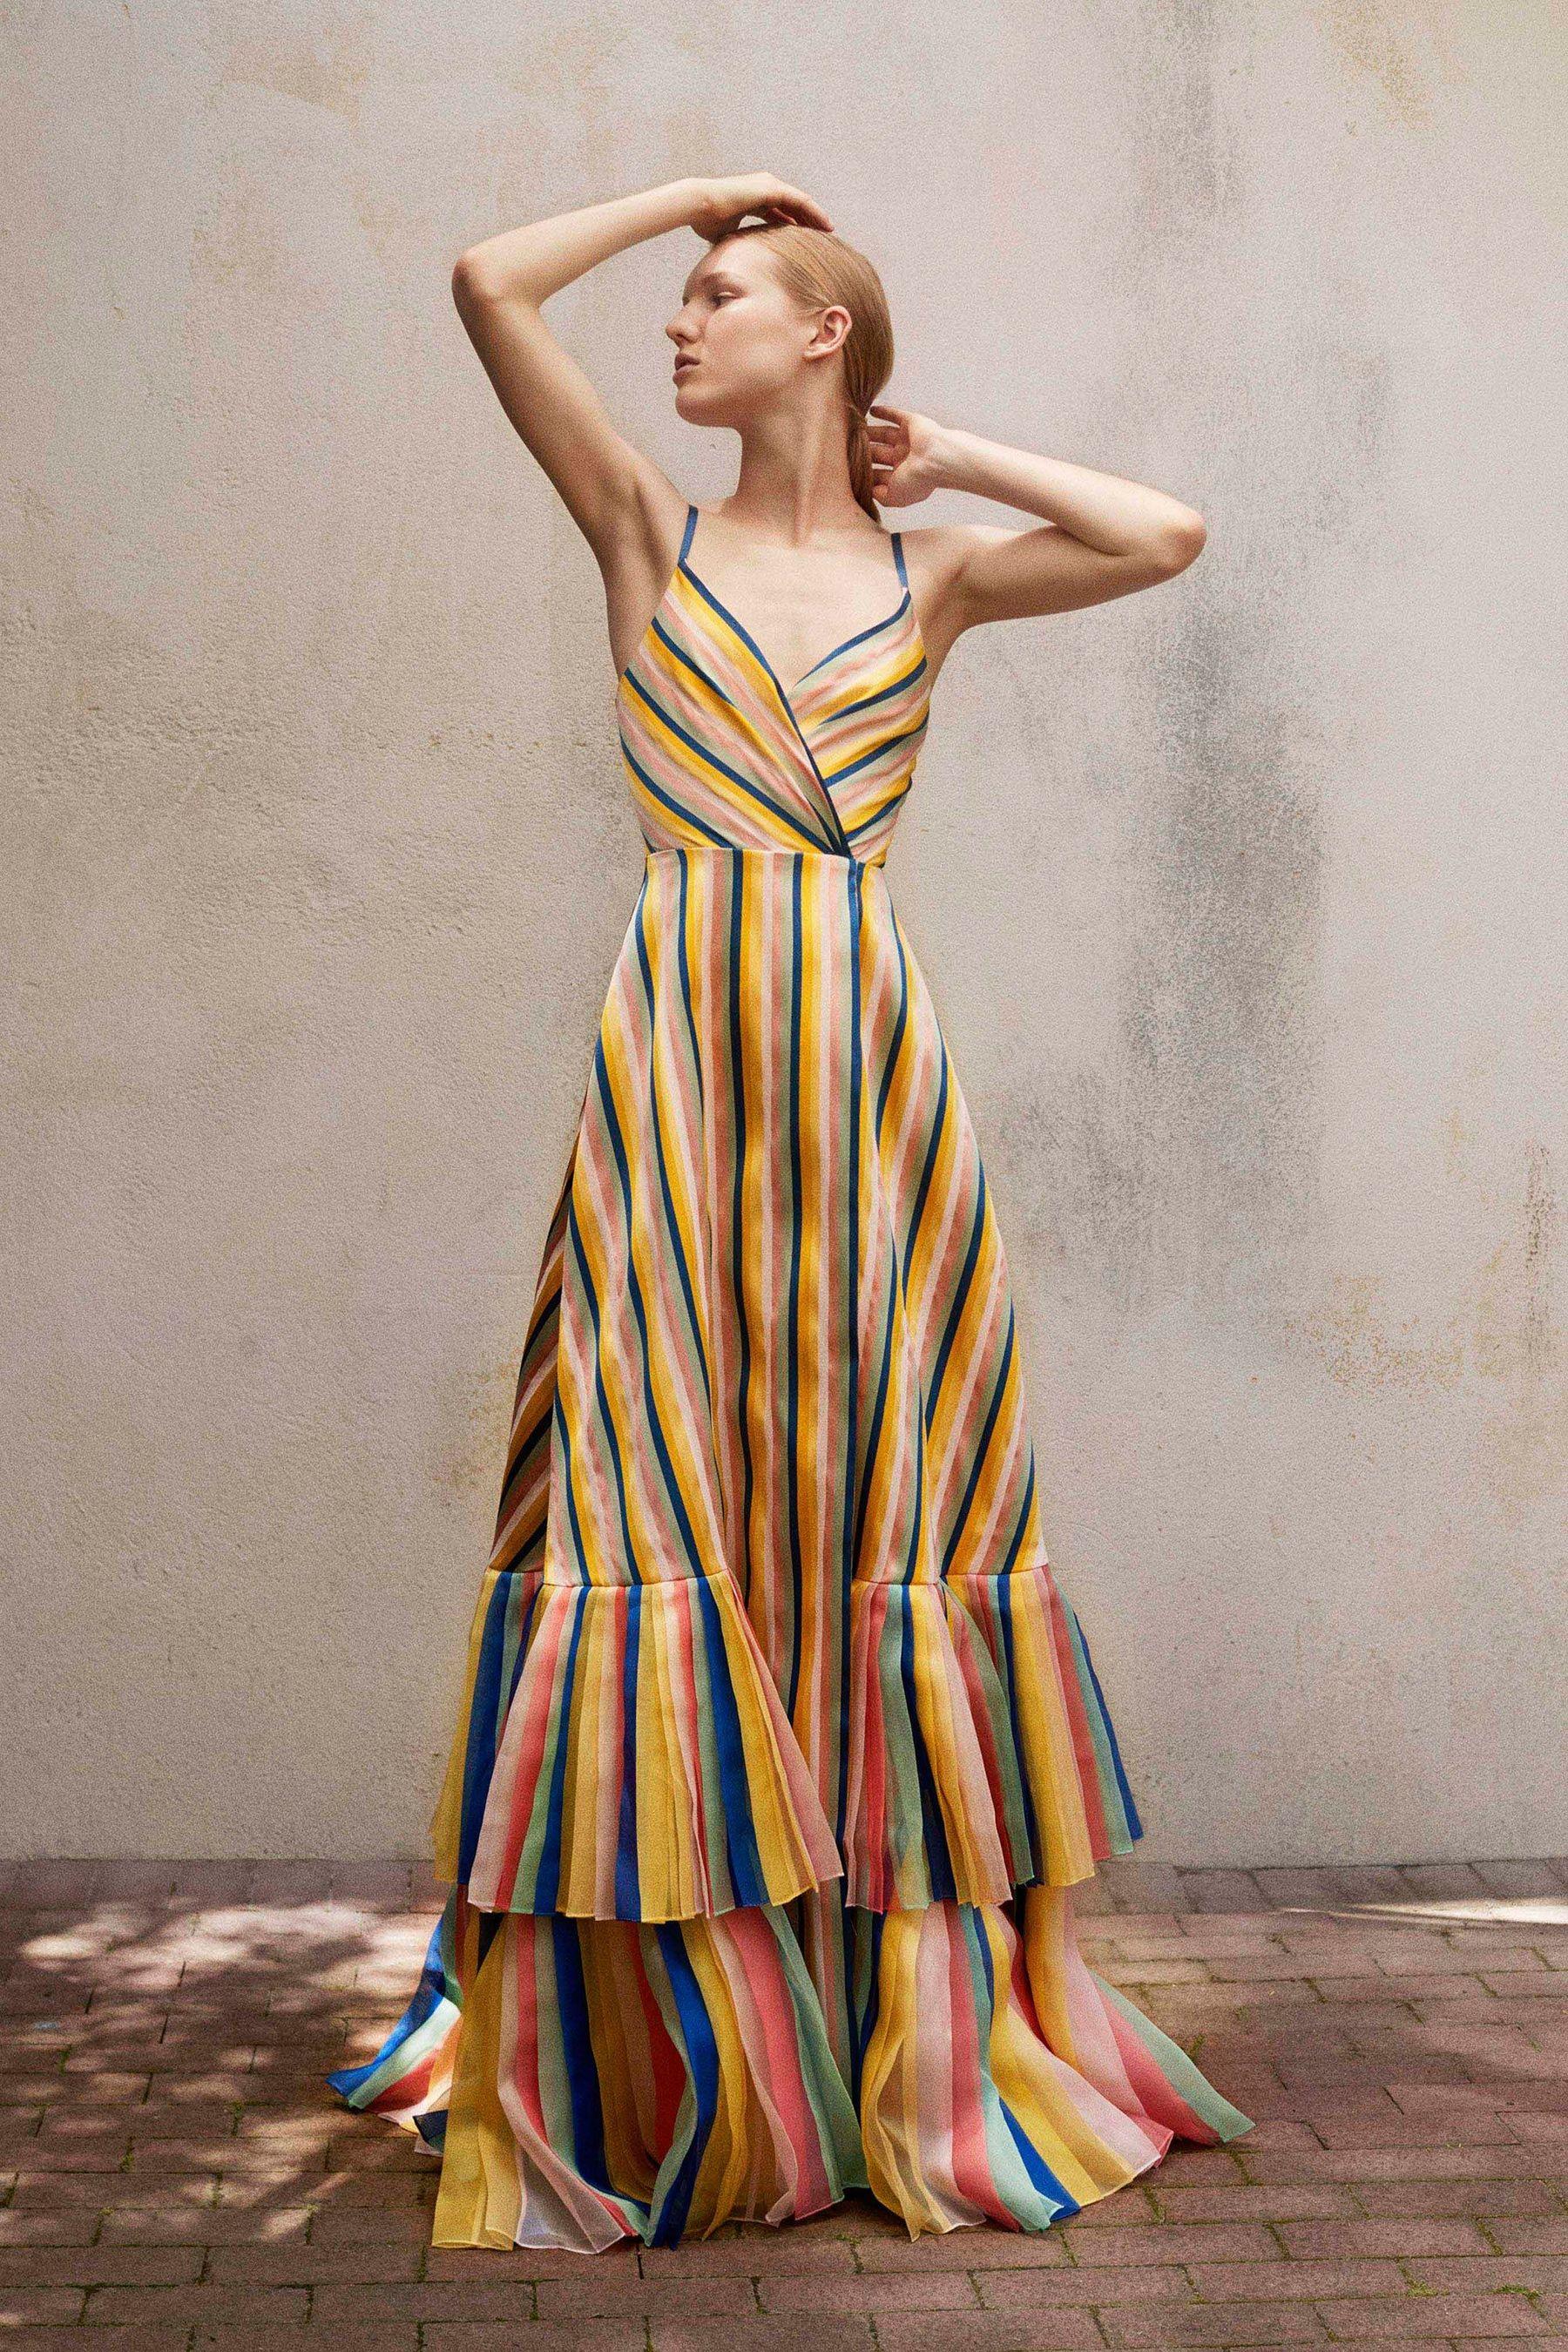 Chọn váy có họa tiết sọc dọc giúp tạo dáng người cao ráo hơn